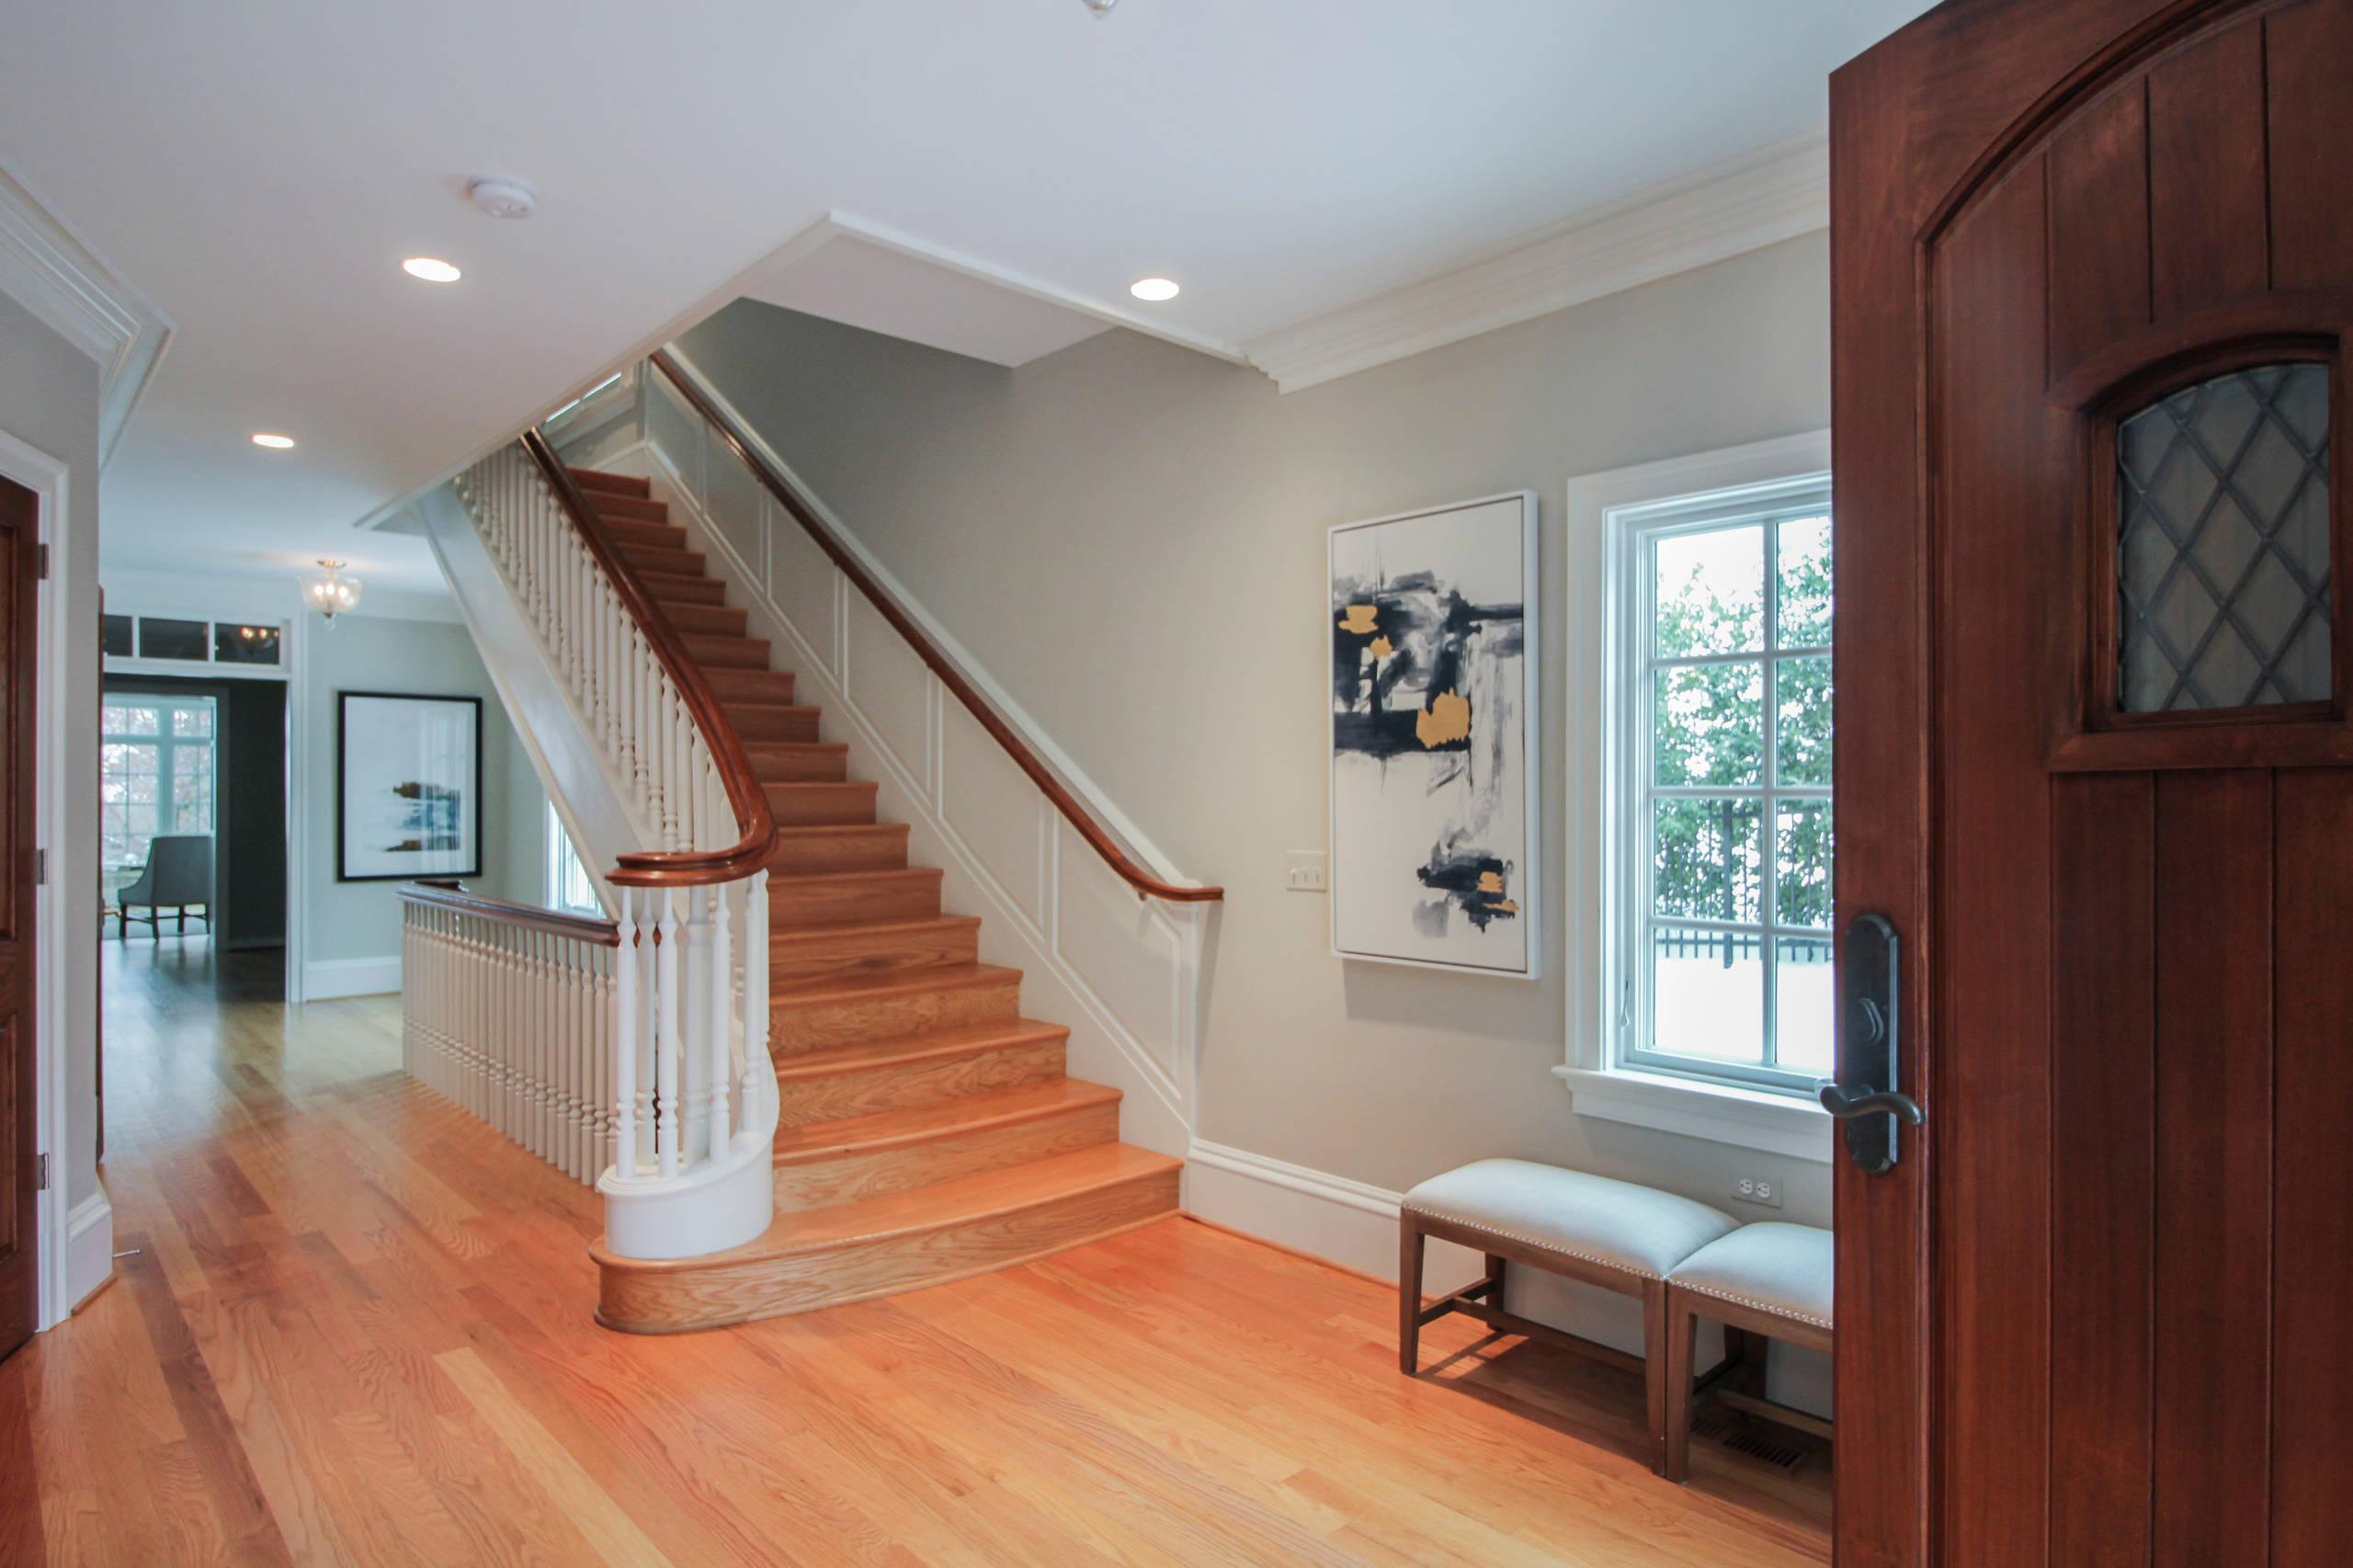 49_Old-World Luxurious Staircase, Arlington VA 22207